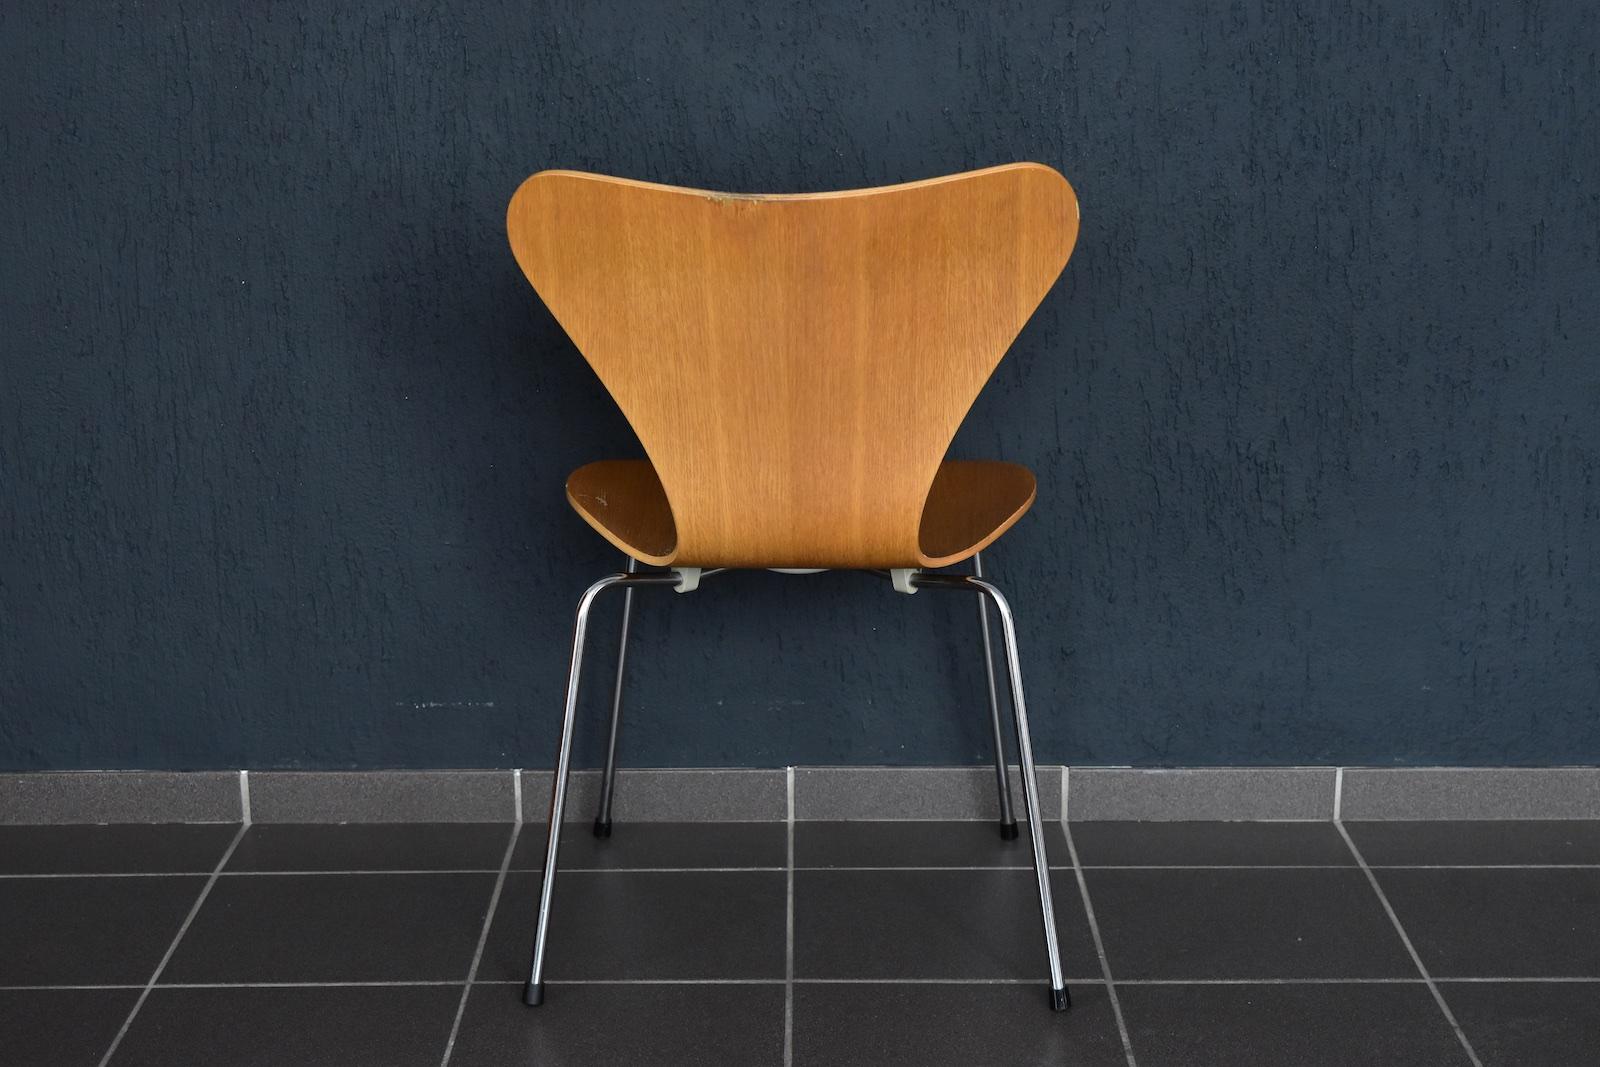 1x Fritz Hansen Stuhl 3107 Eiche Arne Jacobsen Chair Stapelstuhl 44cm Von 198